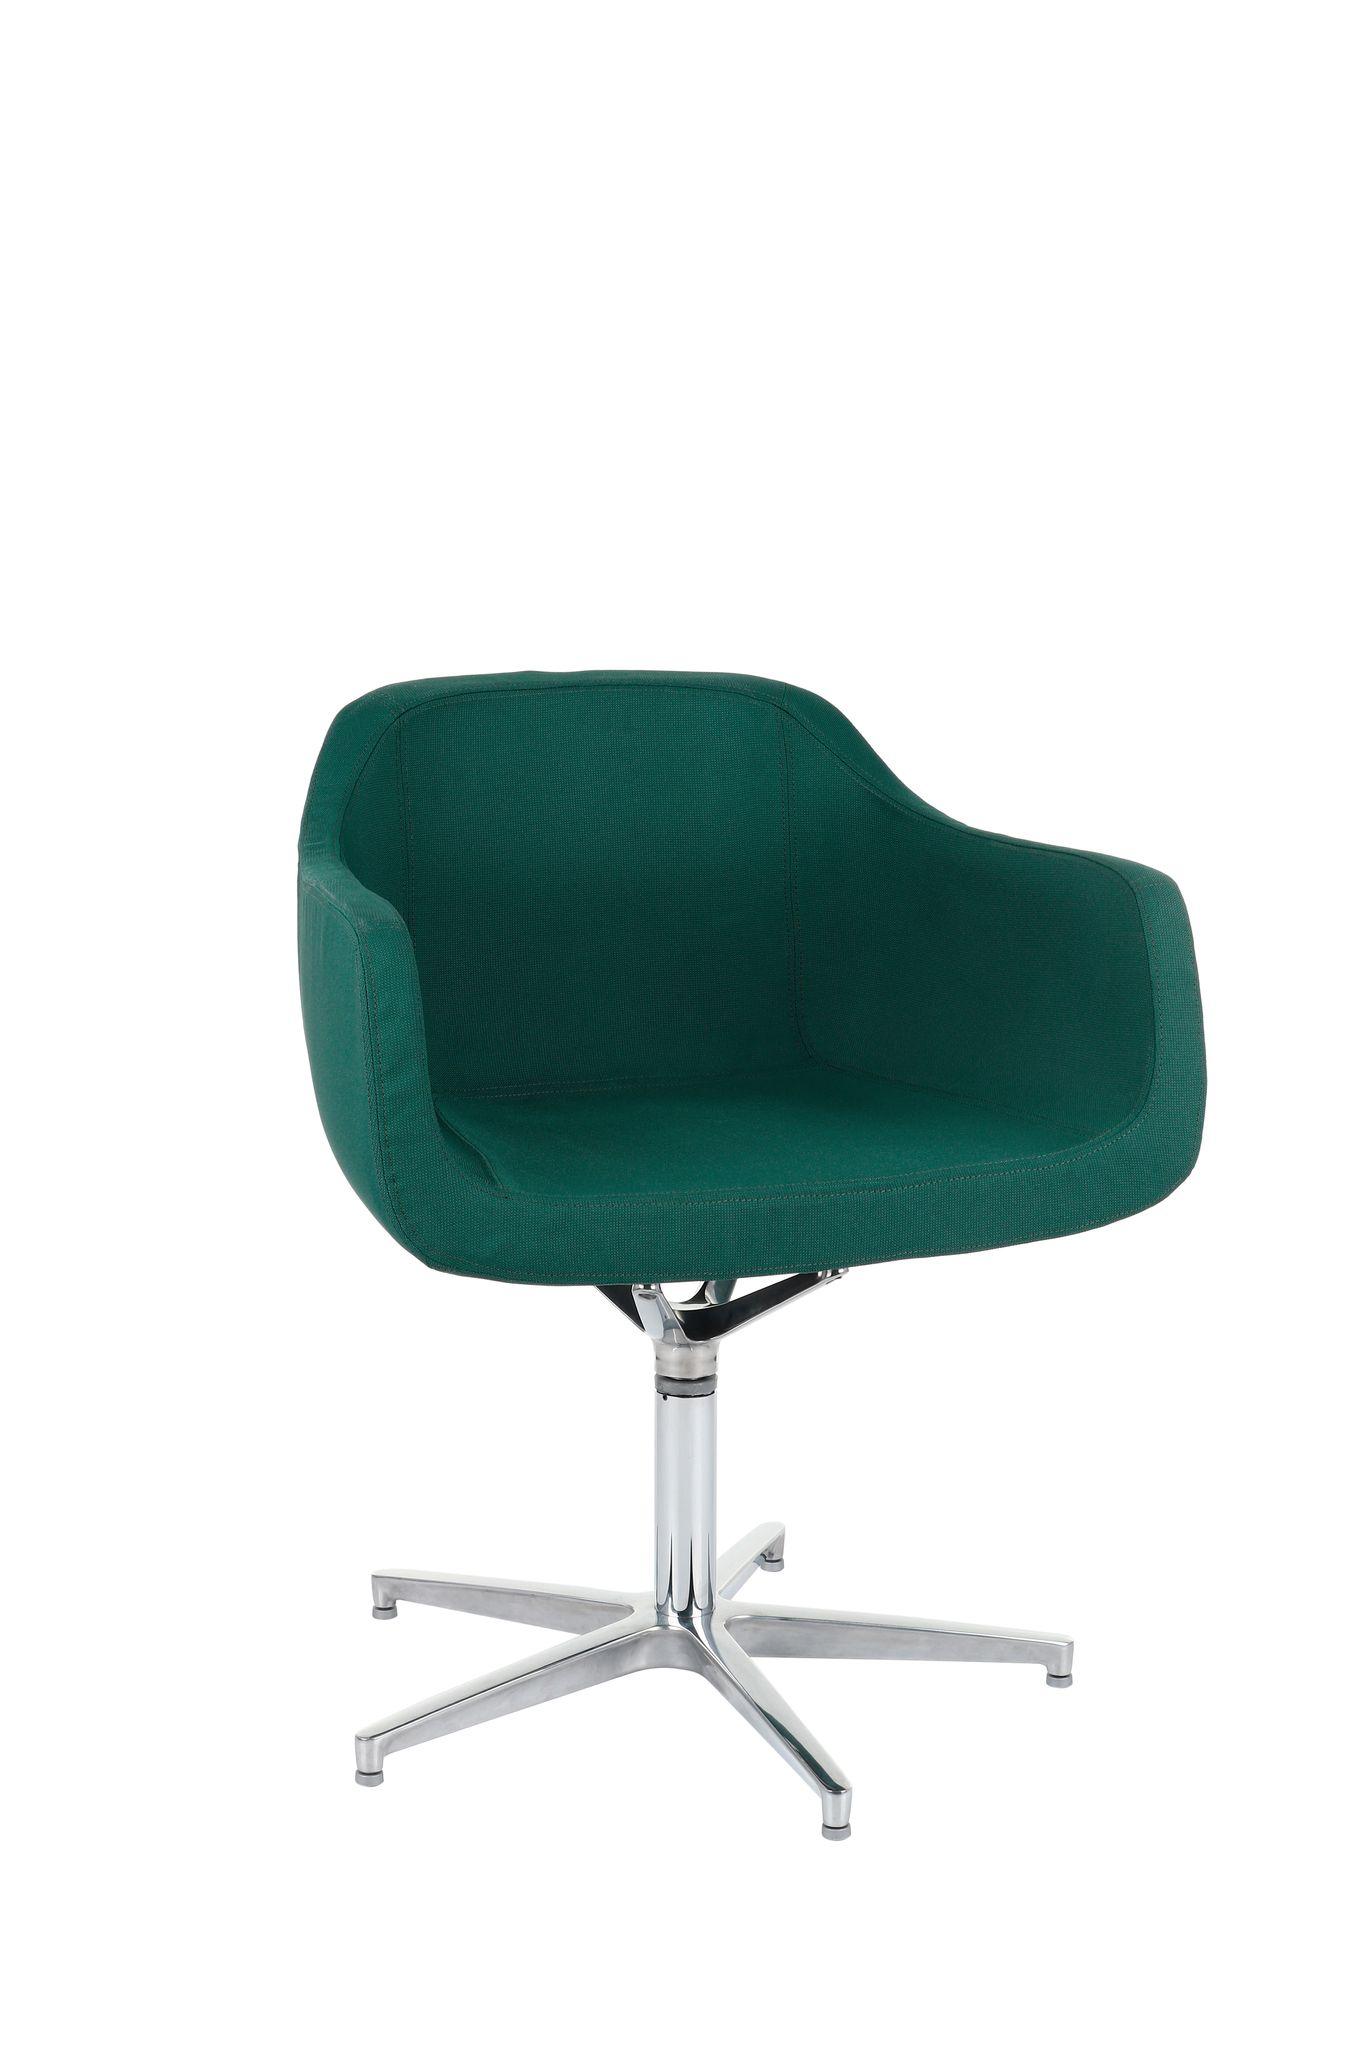 krzesło biurowe SOUL Auto return